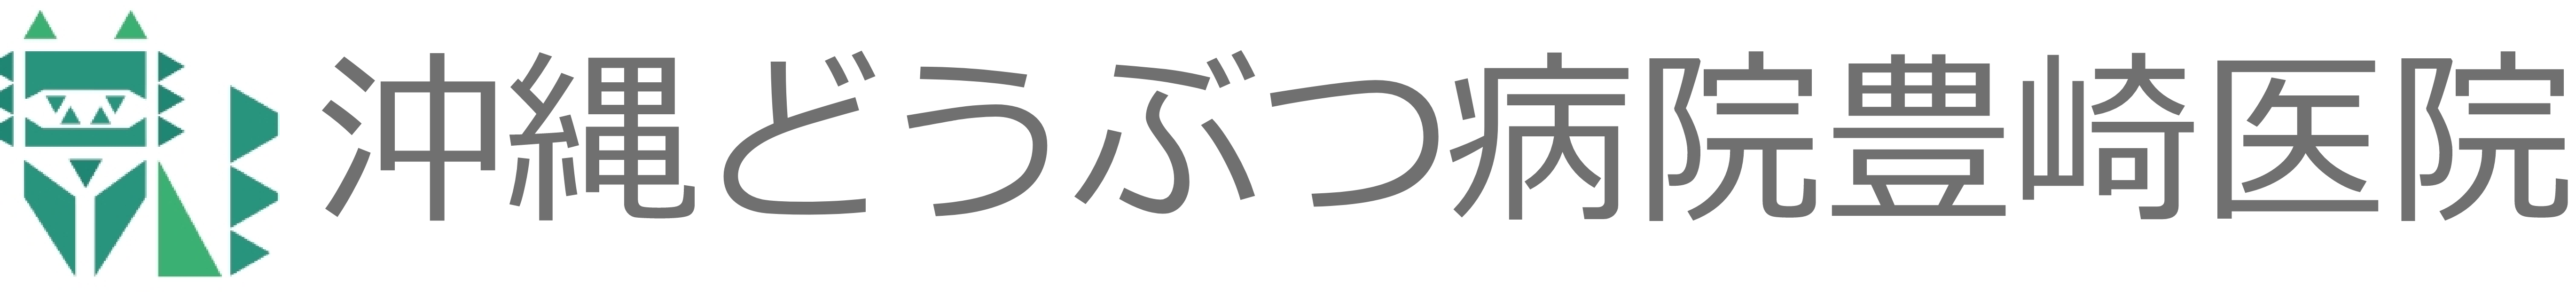 沖縄どうぶつ病院グループ 豊崎医院